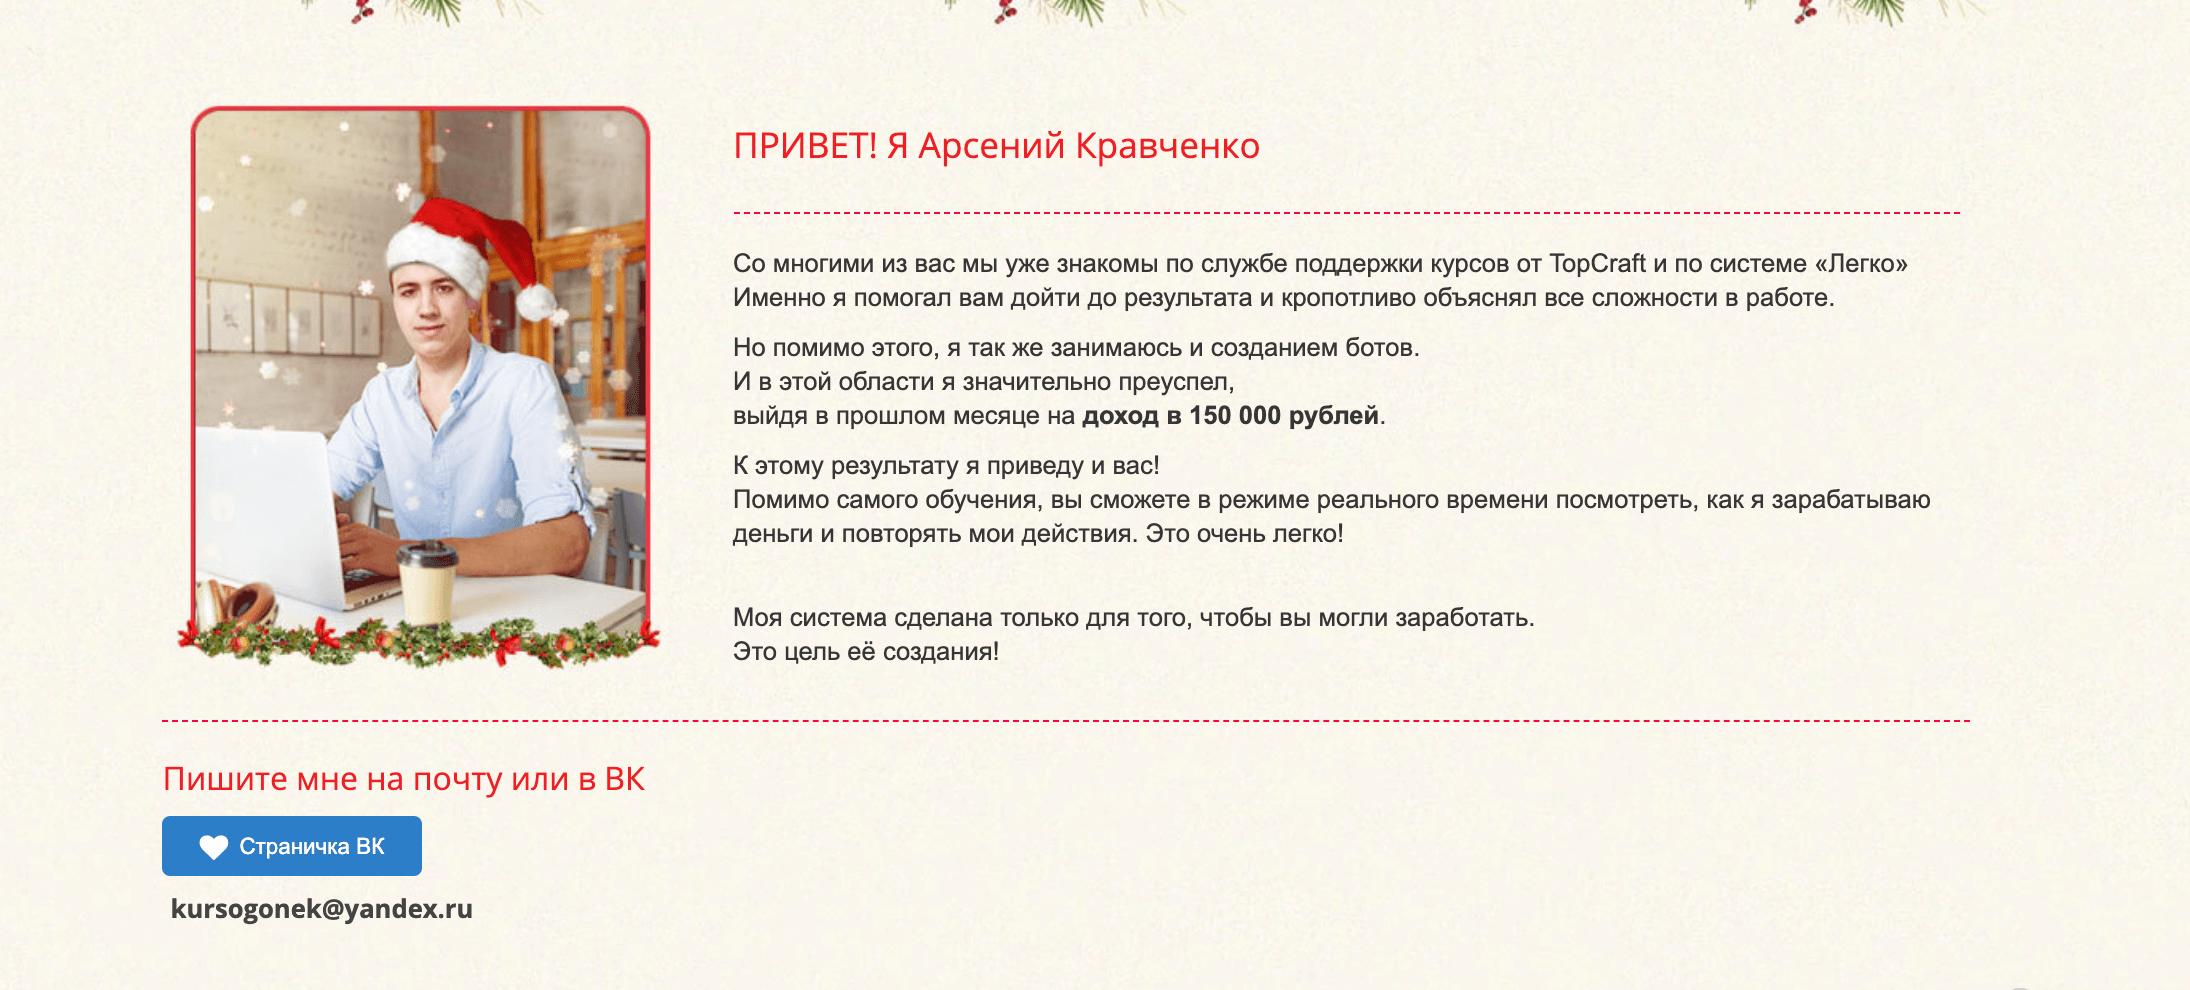 Арсений Кравченко курс